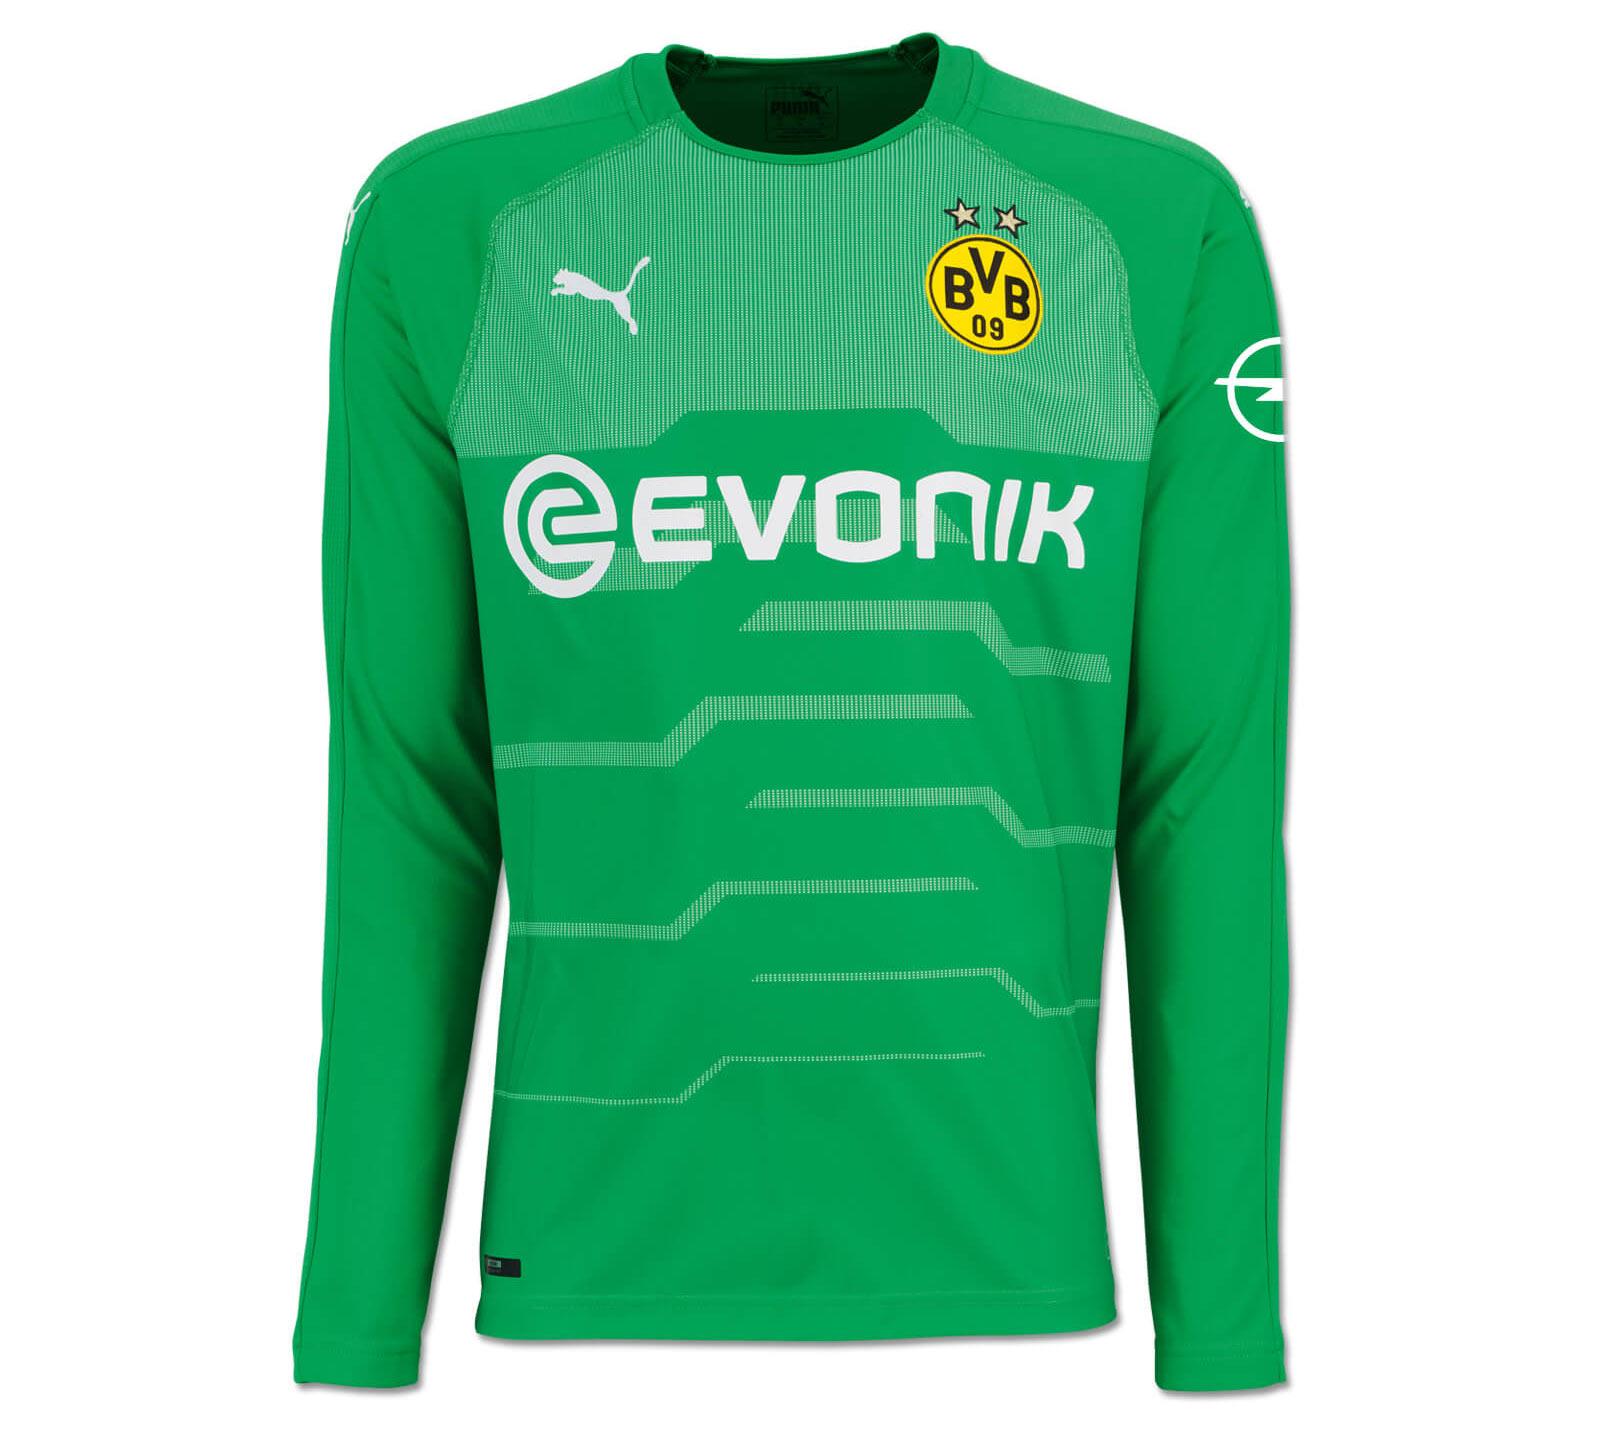 Maglia Borussia Dortmund 2018-2019, la grafica a impulso di Puma